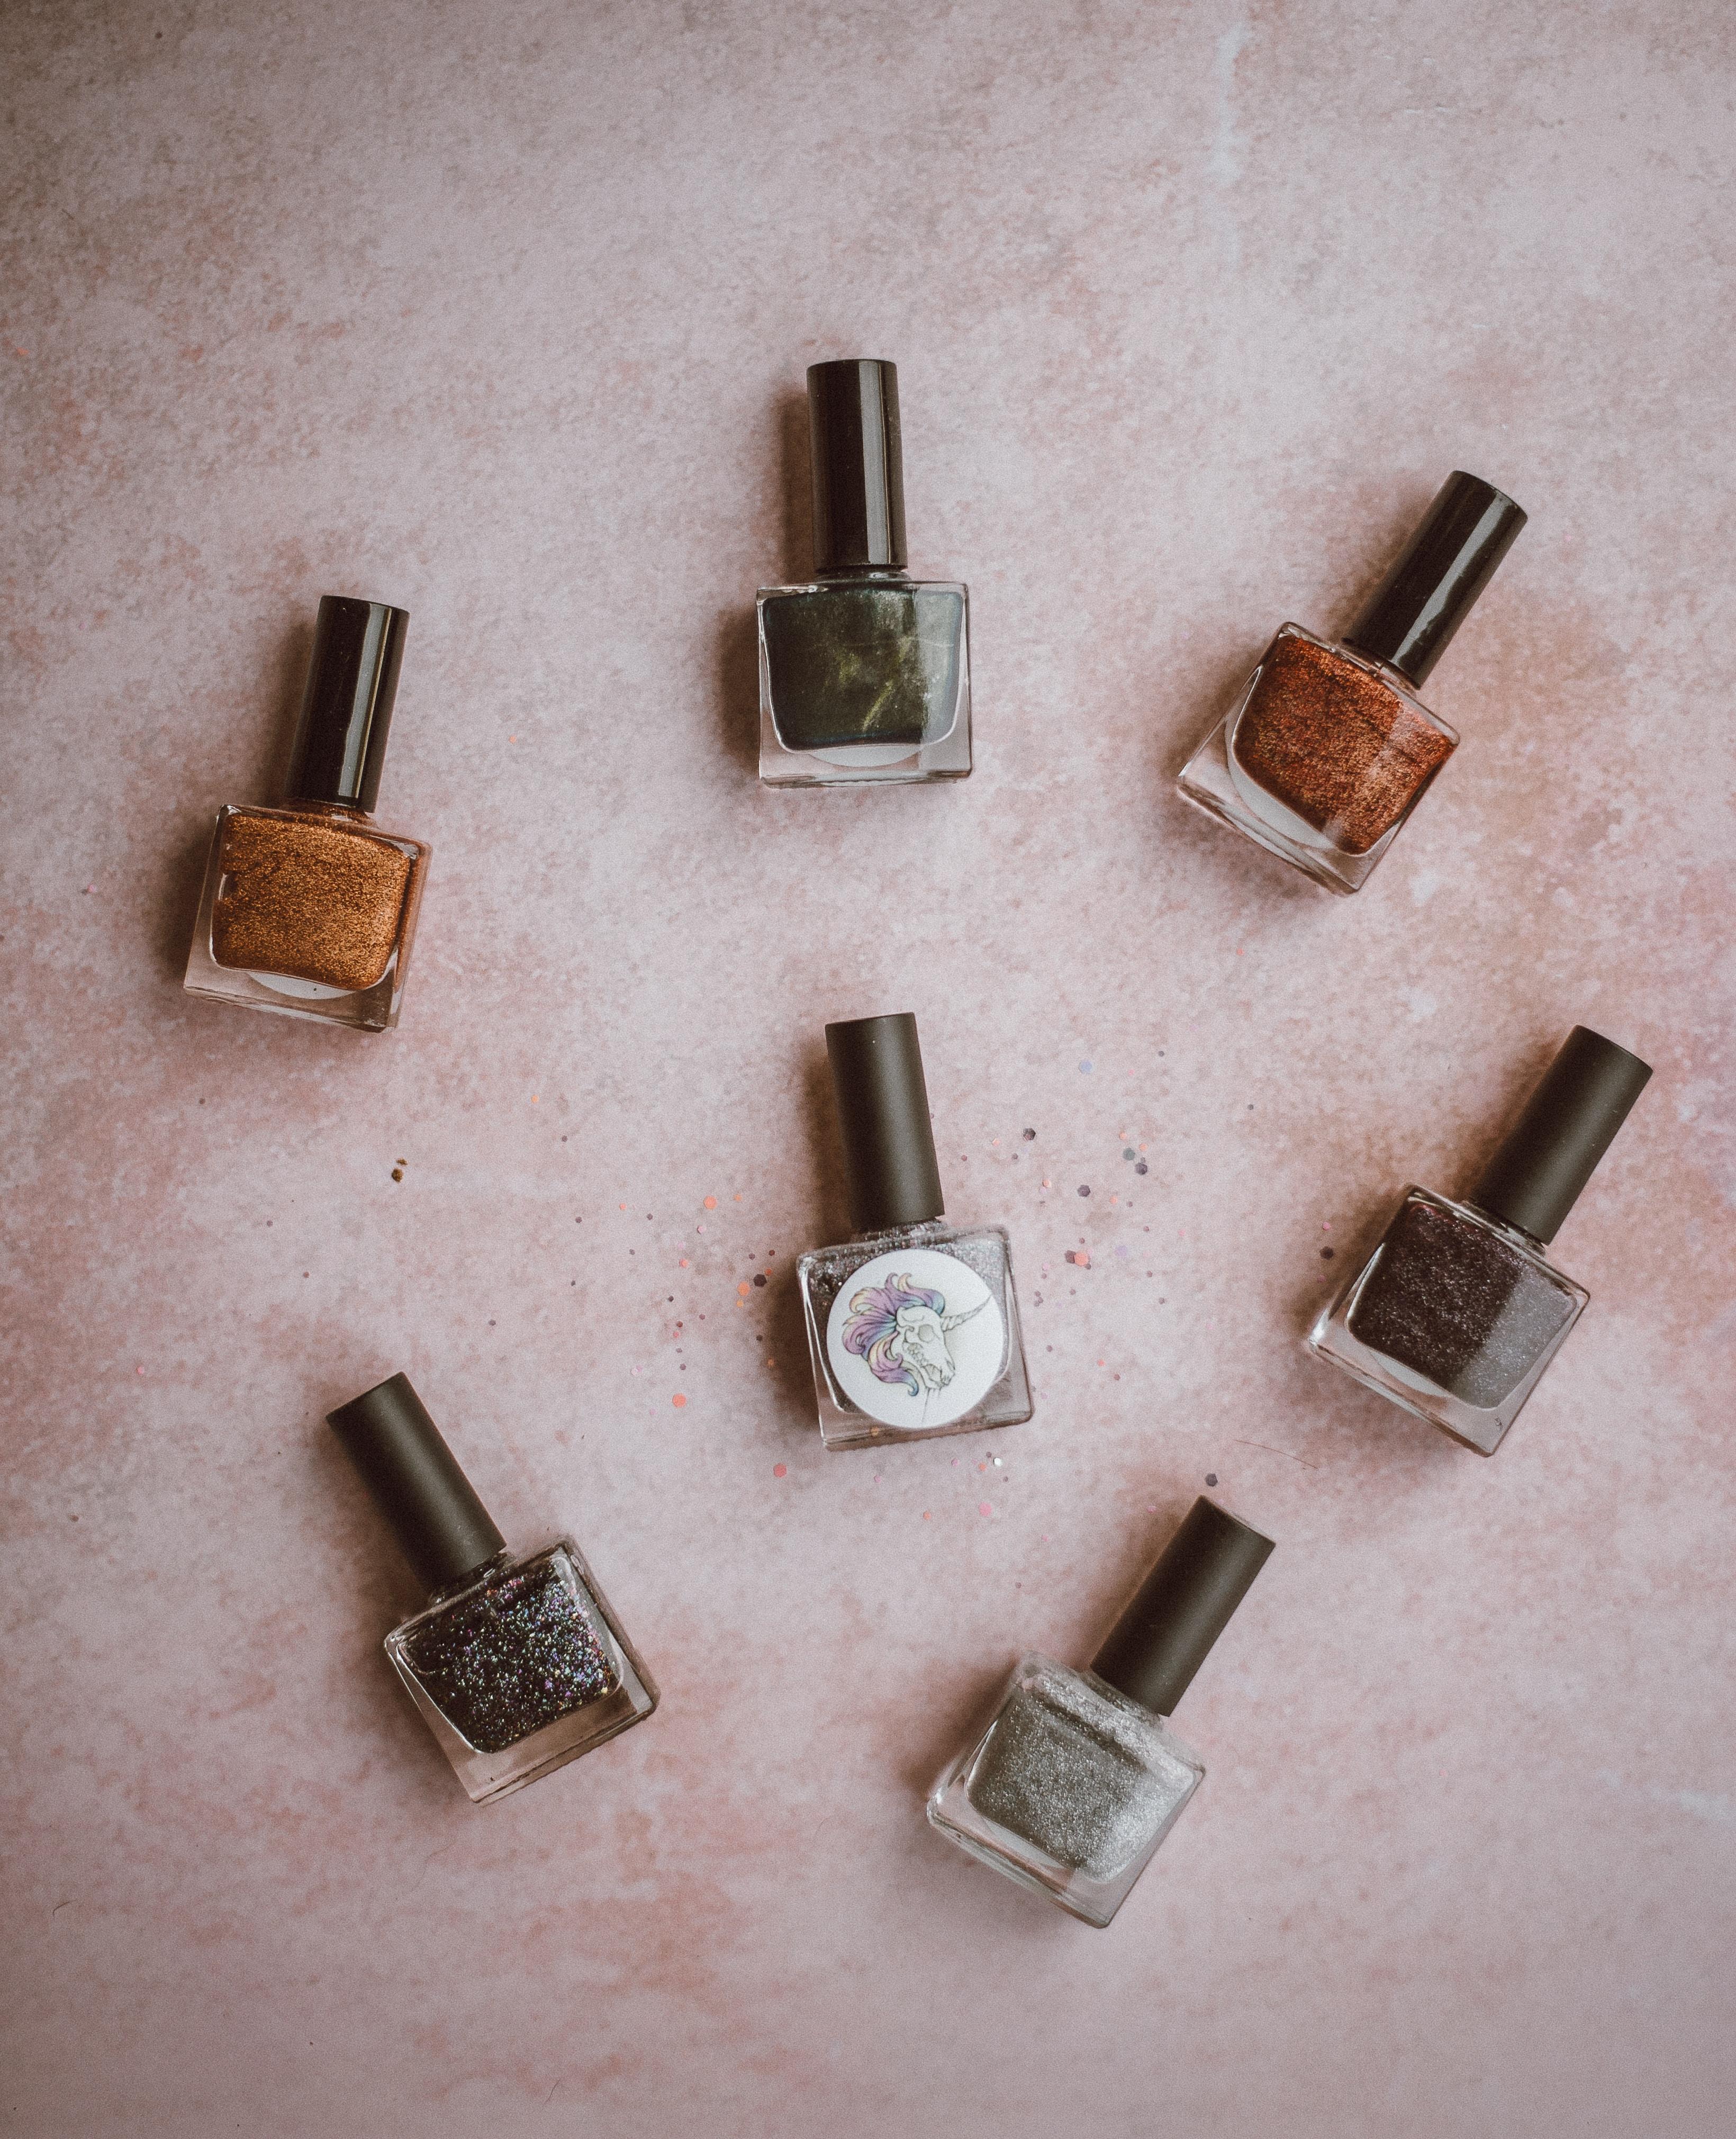 brown, black, and grey nail polish bottles